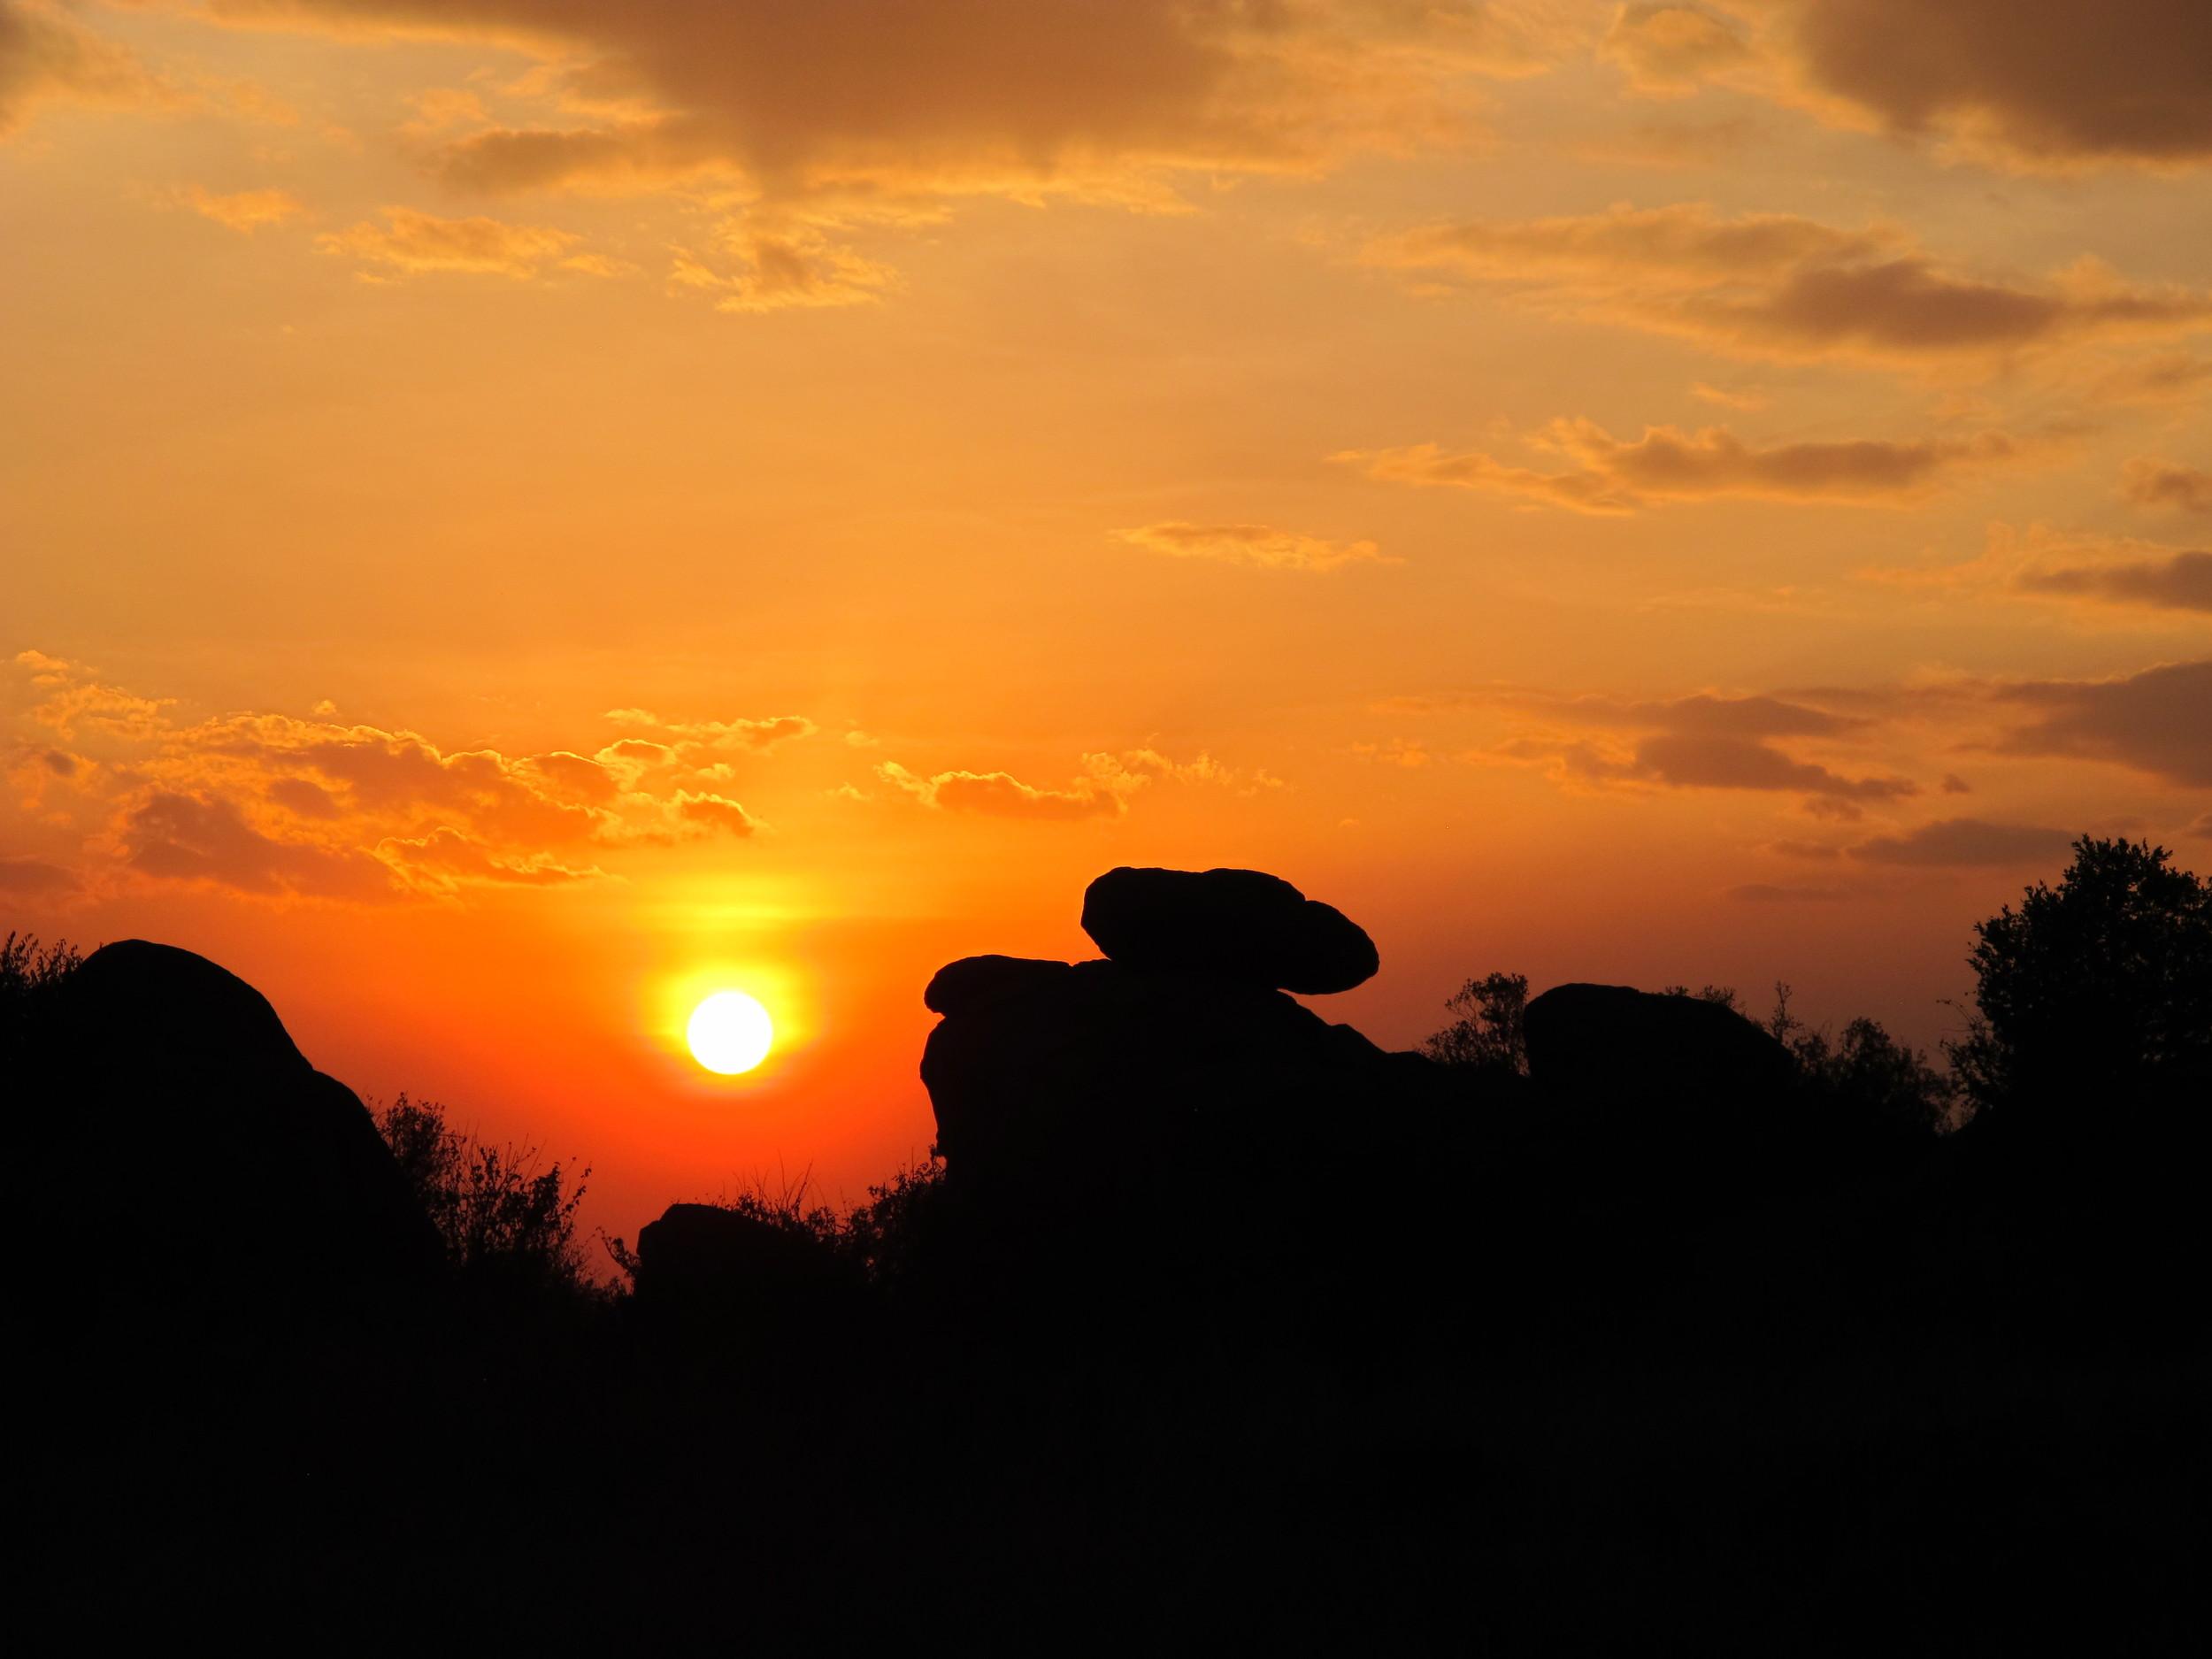 Serengeti_Sunset_Tanzania.jpg